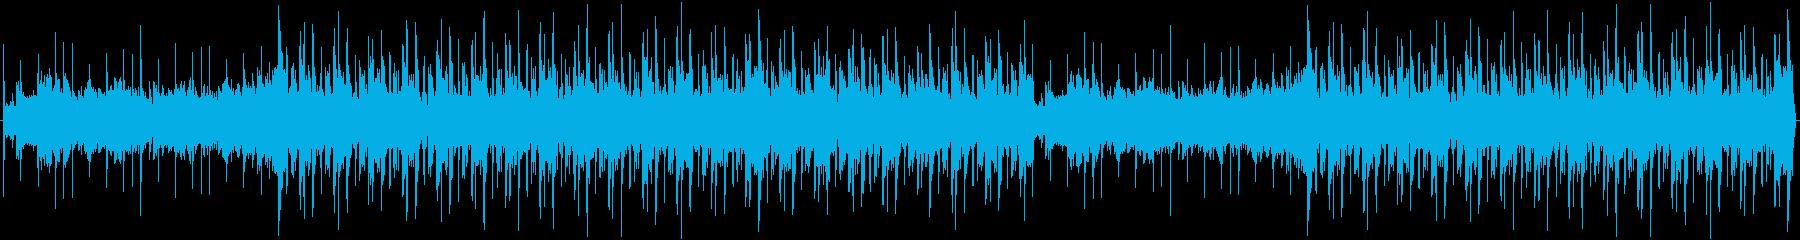 ニューエイジエレクトロ研究所高揚-...の再生済みの波形